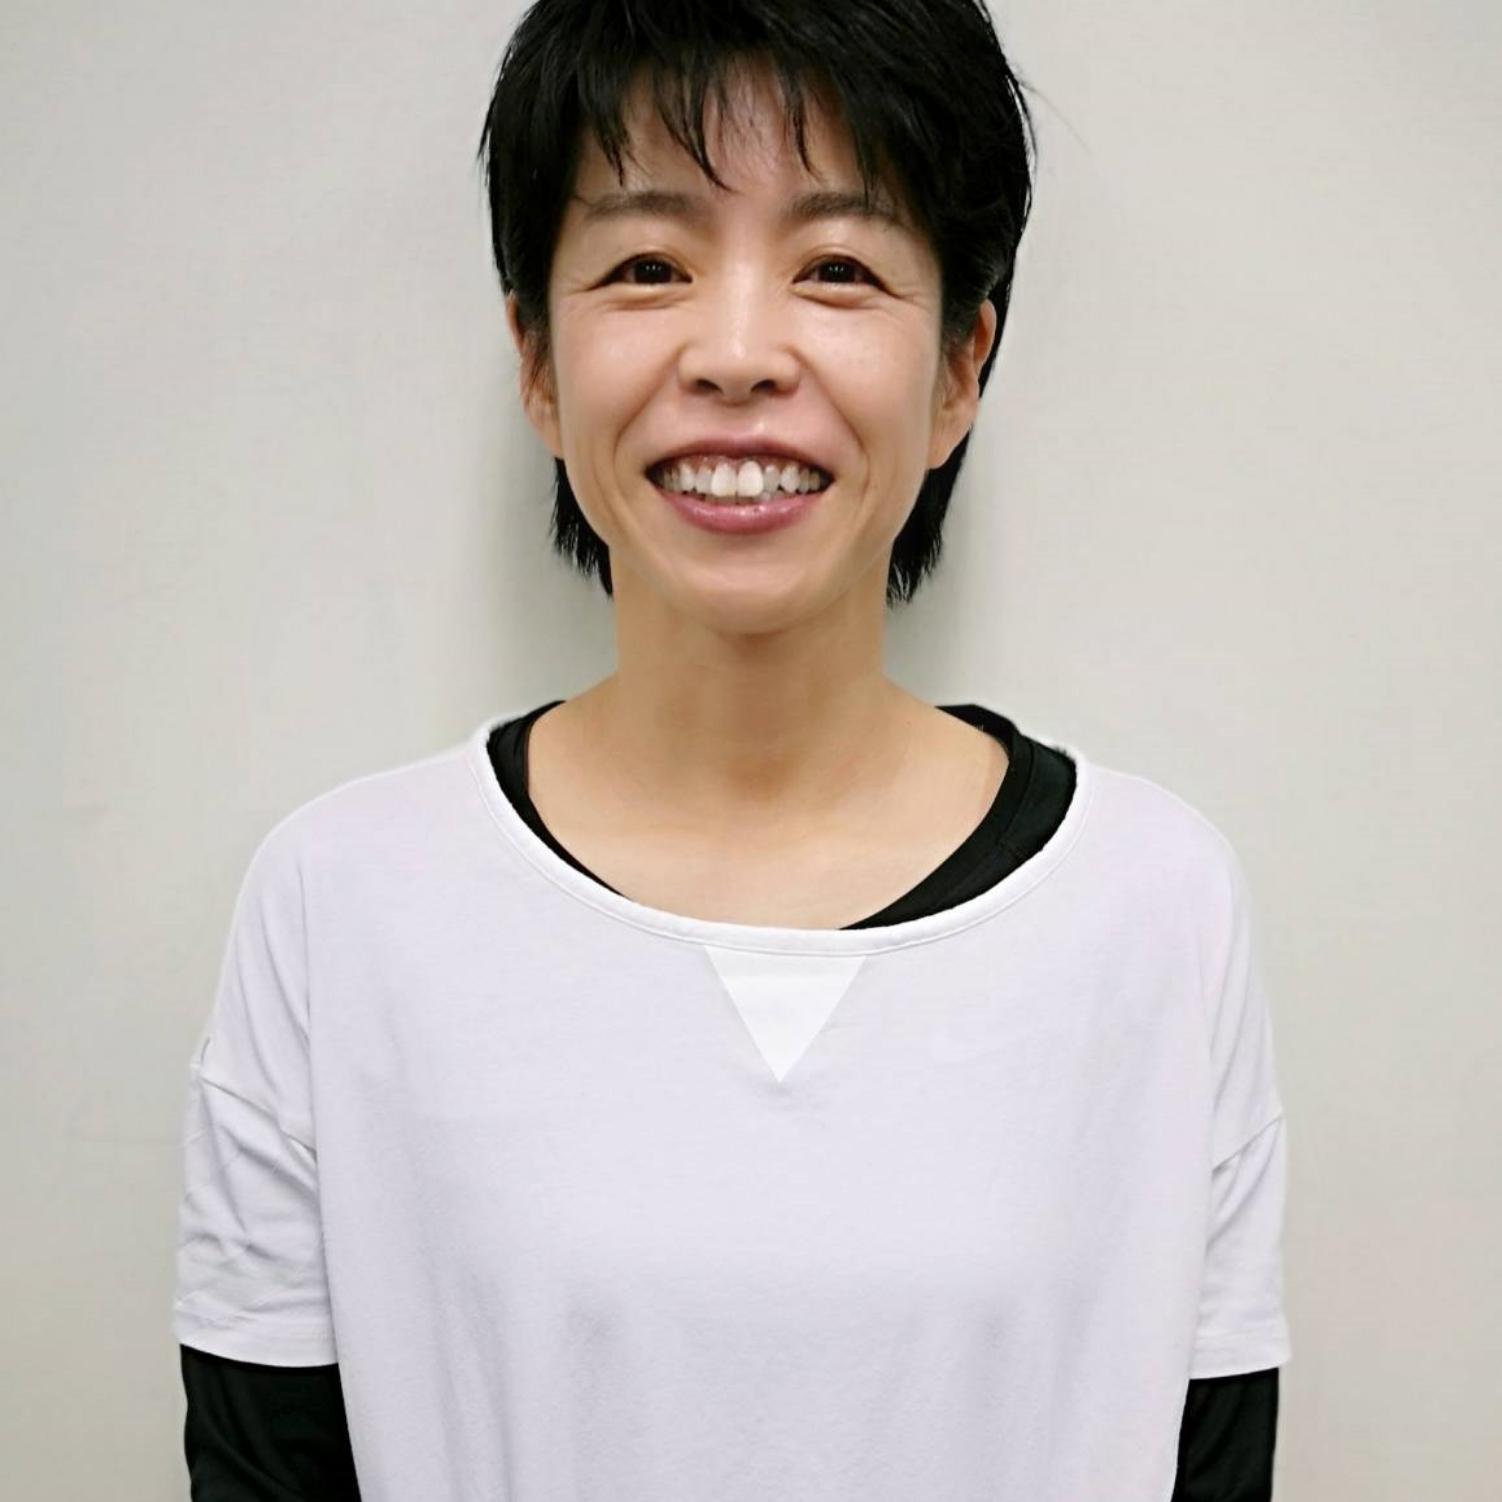 渡辺千晴さま(40代女性)